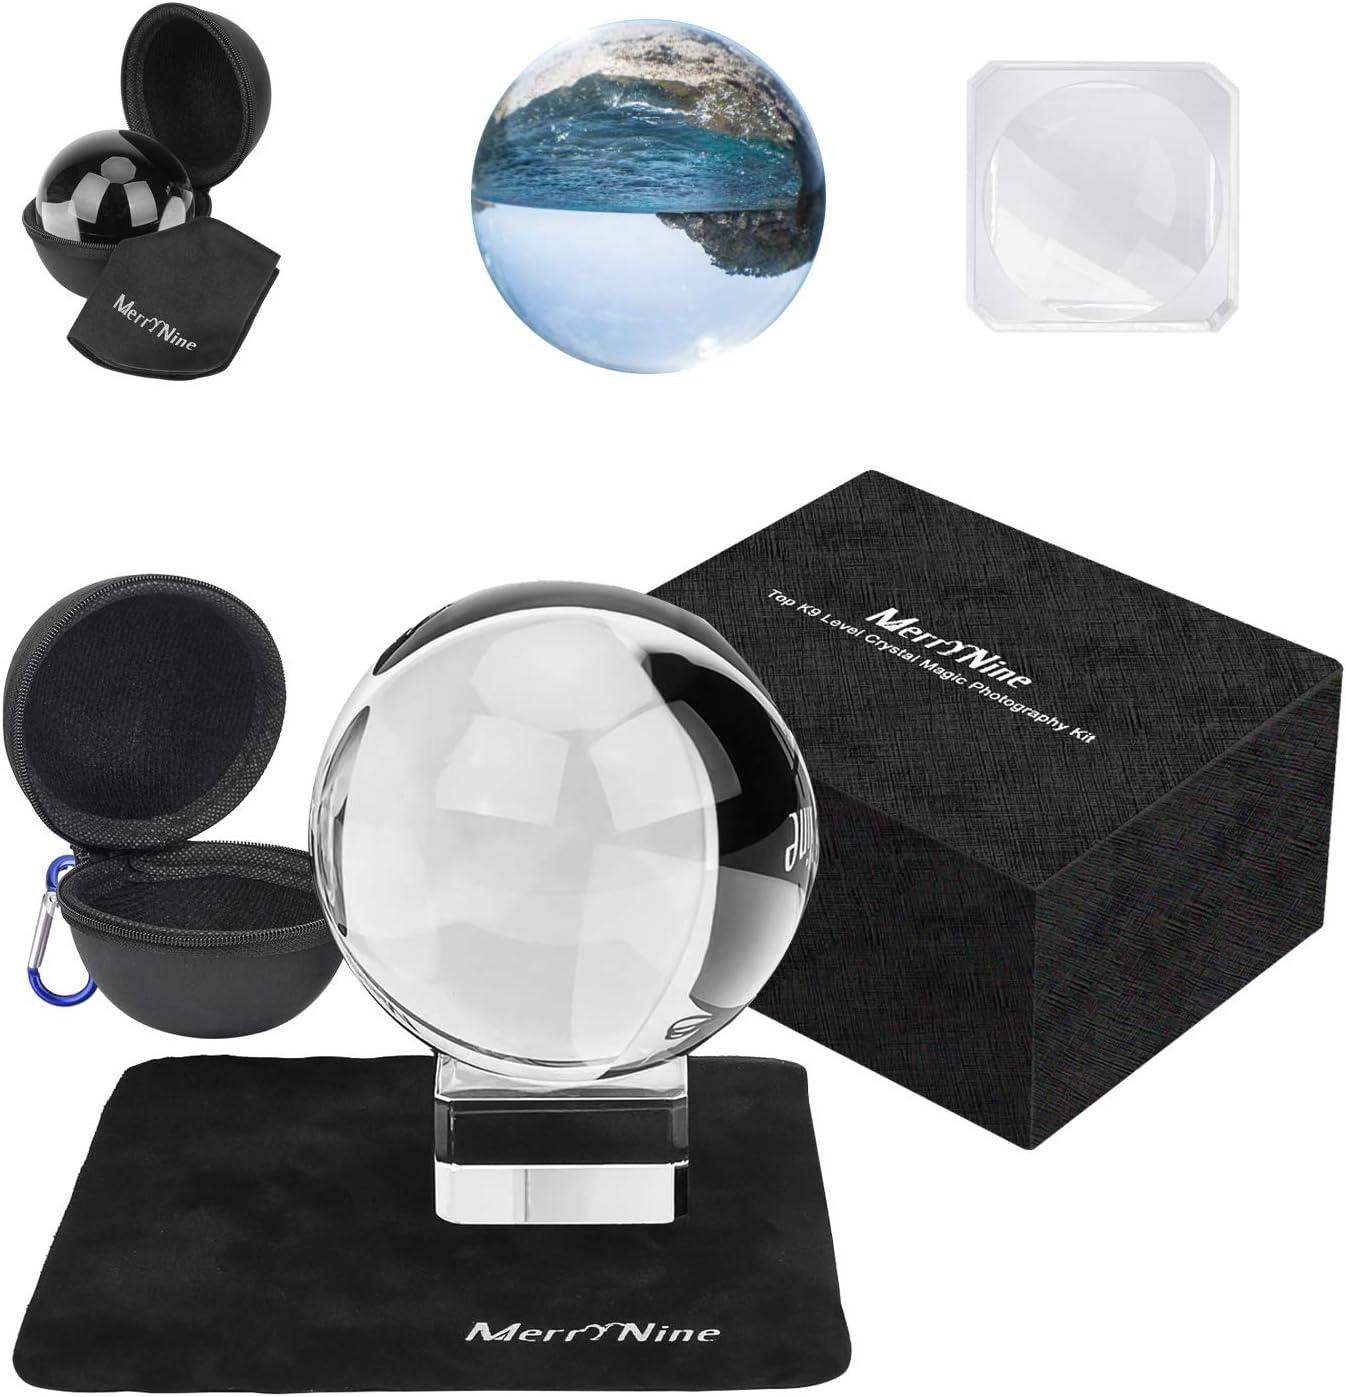 K9 Kristallkugel Mit Ständer Und Tasche Sonnenfänger Mit Mikrofasertasche Dekoratives Und Fotografie Zubehör 80 Mm Mit Geschenkbox Küche Haushalt